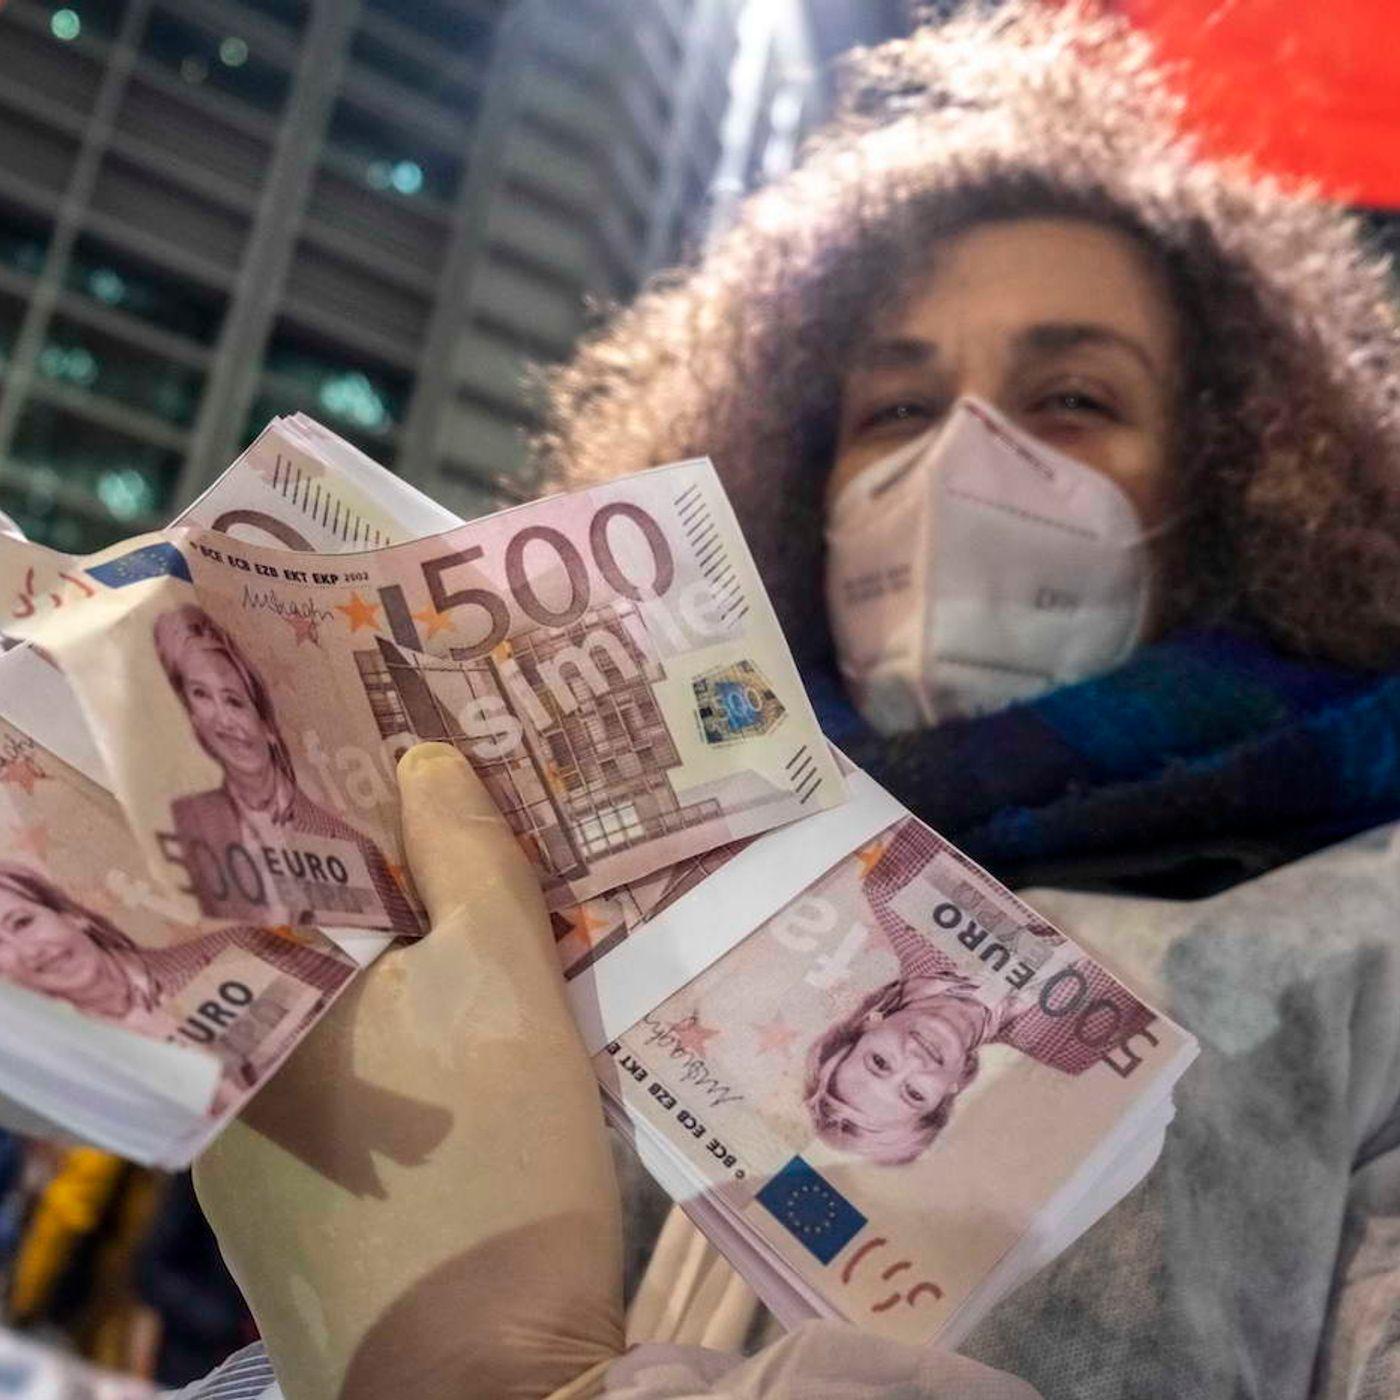 Economia: sarà vera ripresa? I dubbi e le perplessità